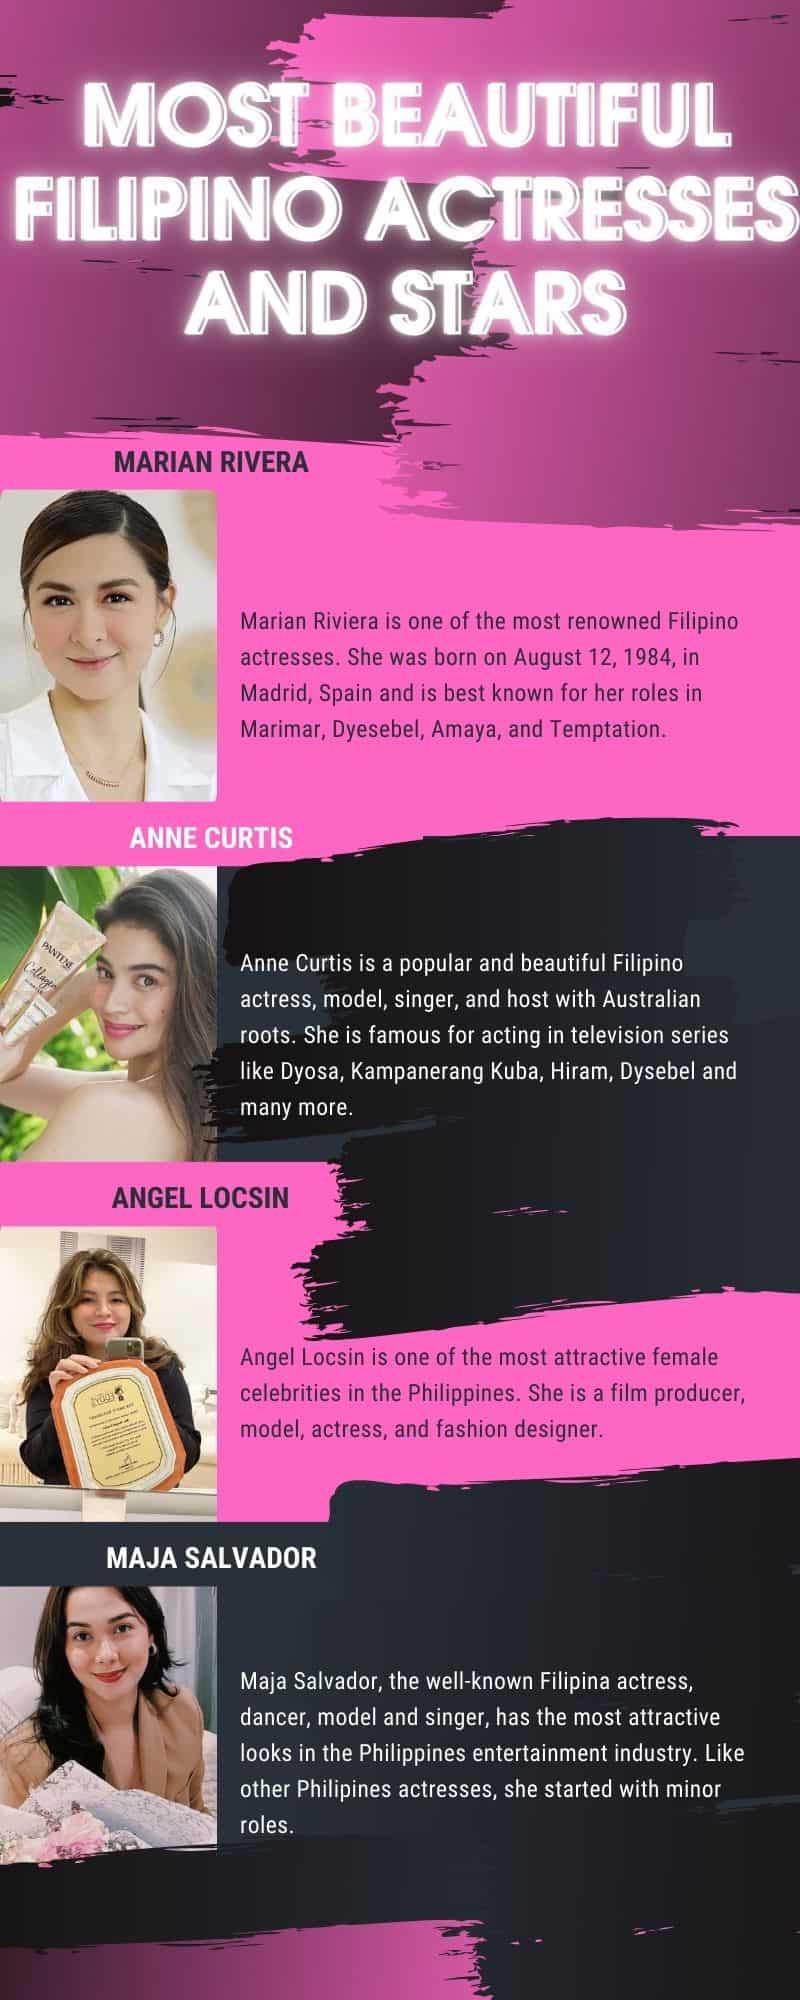 beautiful Filipino actresses and stars